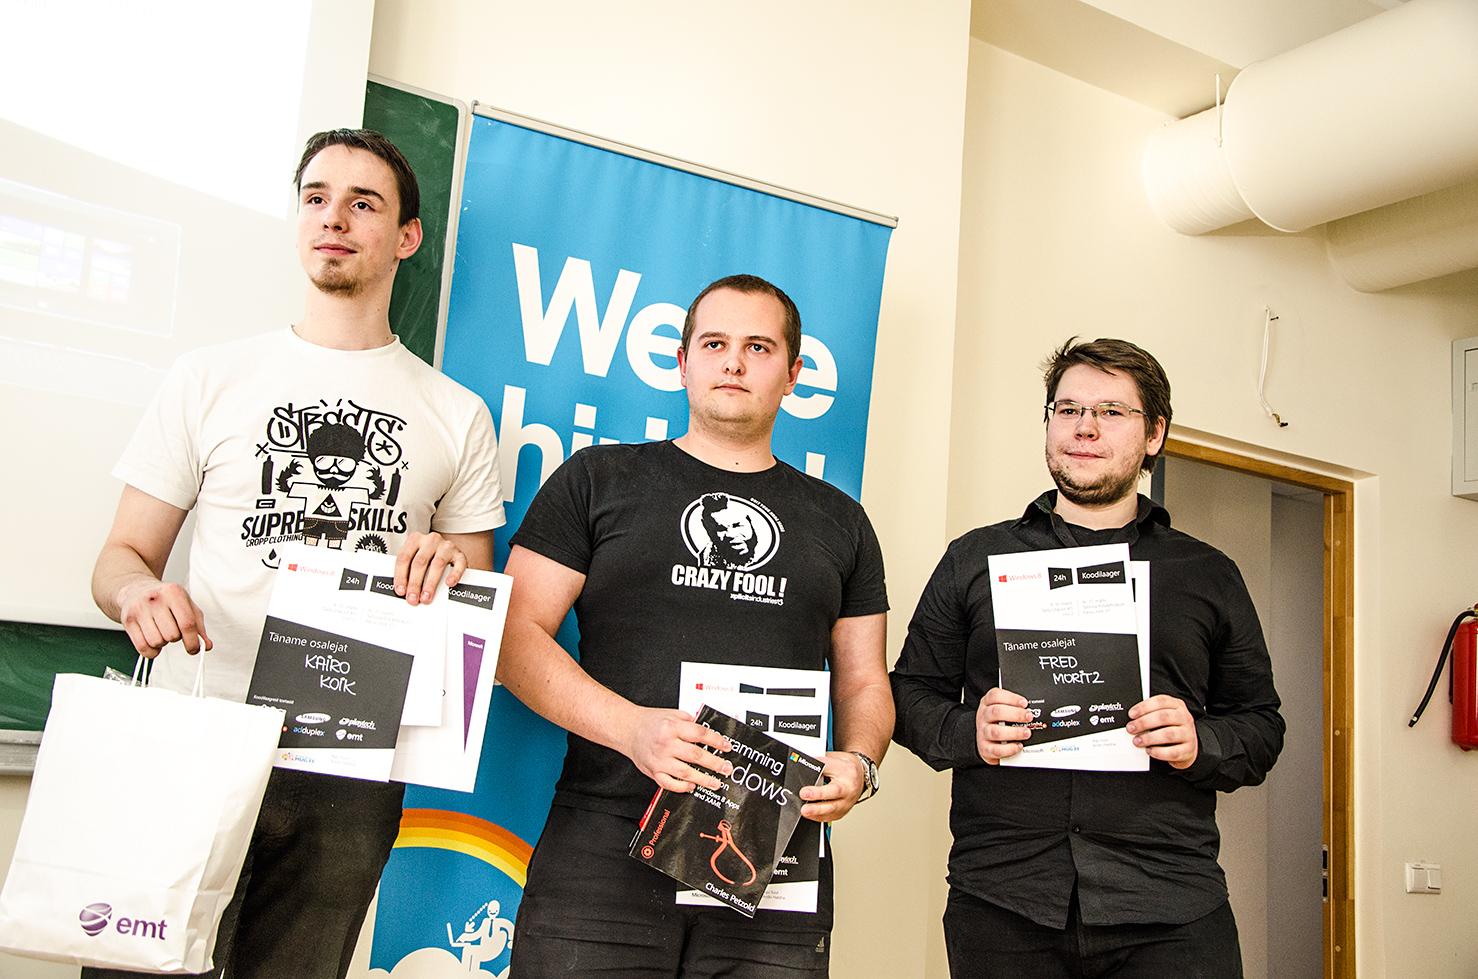 Tallinna Windows 8 koodilaager suutis tartlaste poolt esitatud väljakutsele vastata